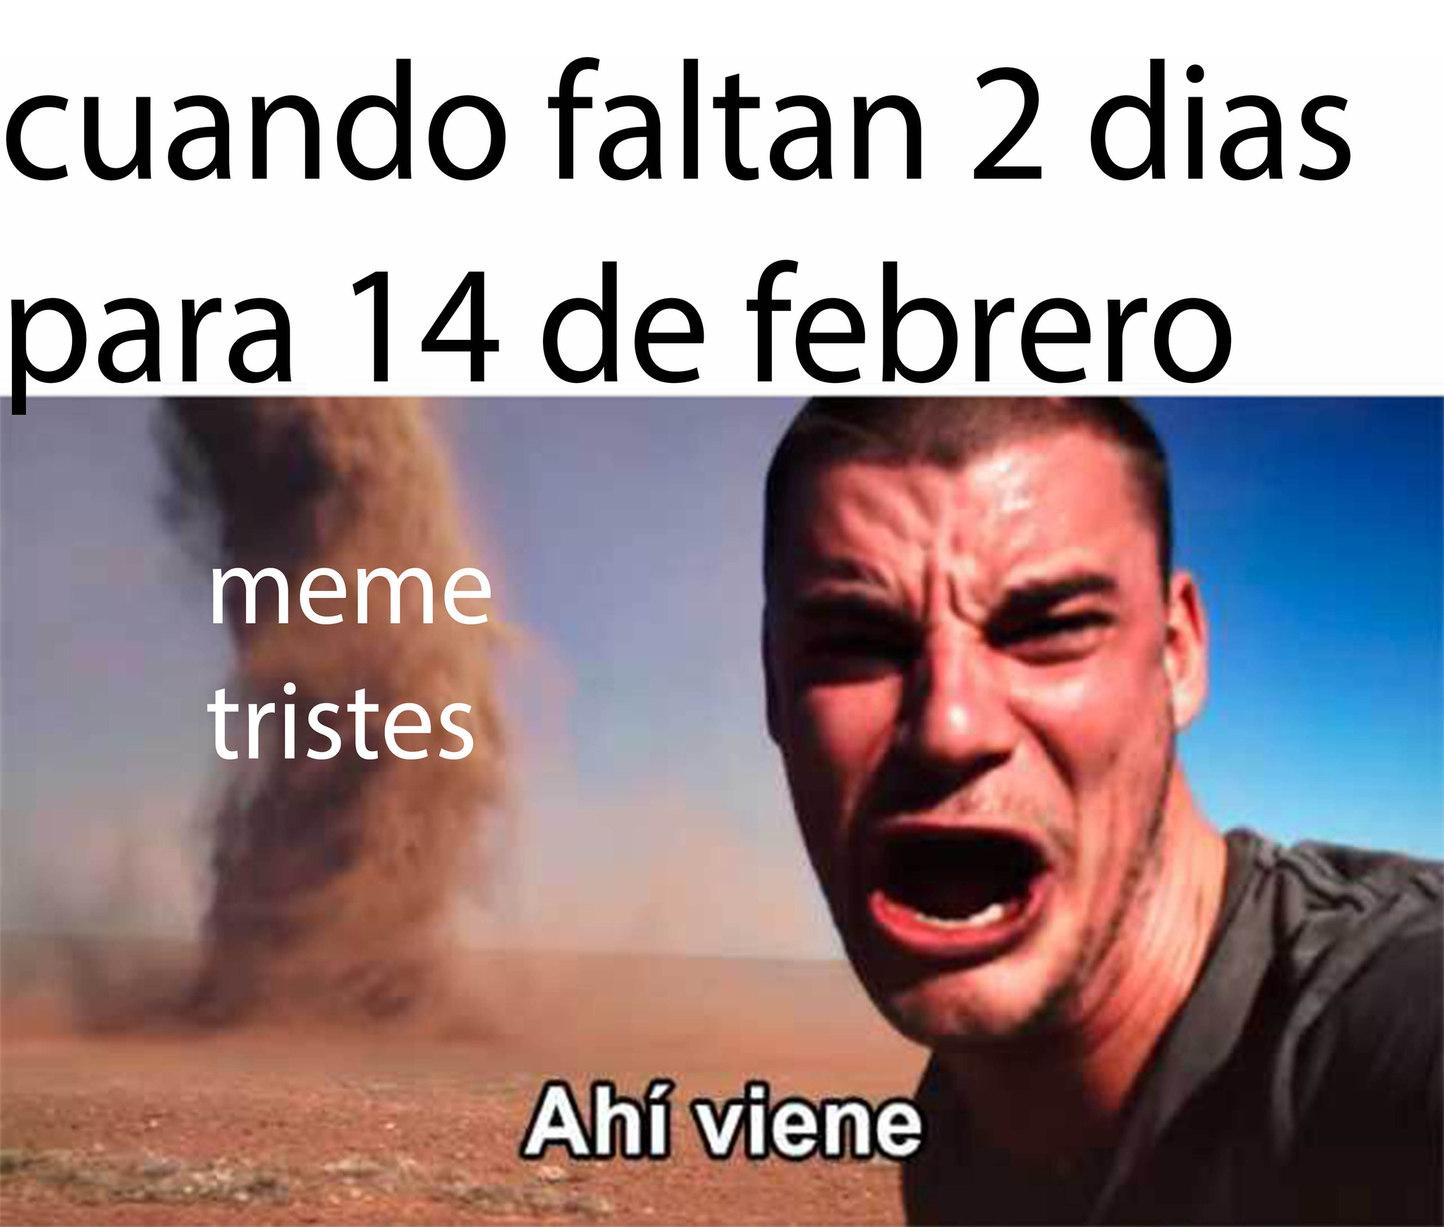 cuidado ahi viene 14 de febrero - meme